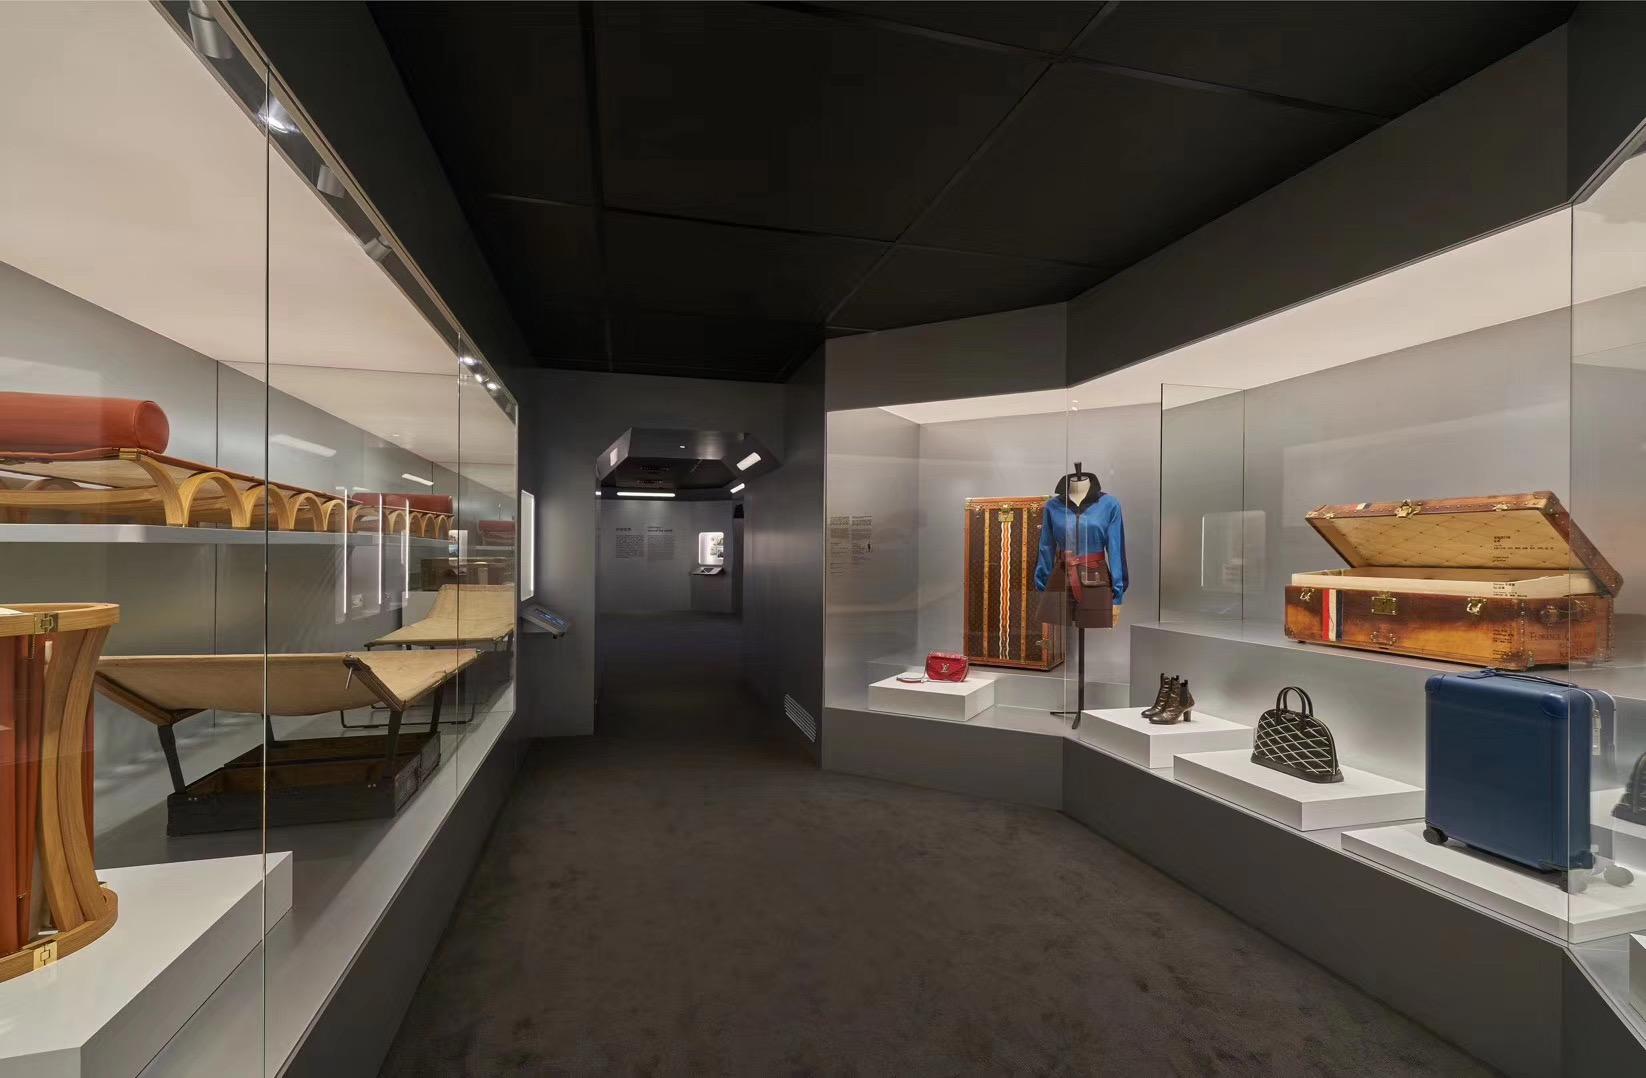 Louis Vuitton Time Capsule Exhibition June 6th – Jul 14th Chengdu – 3